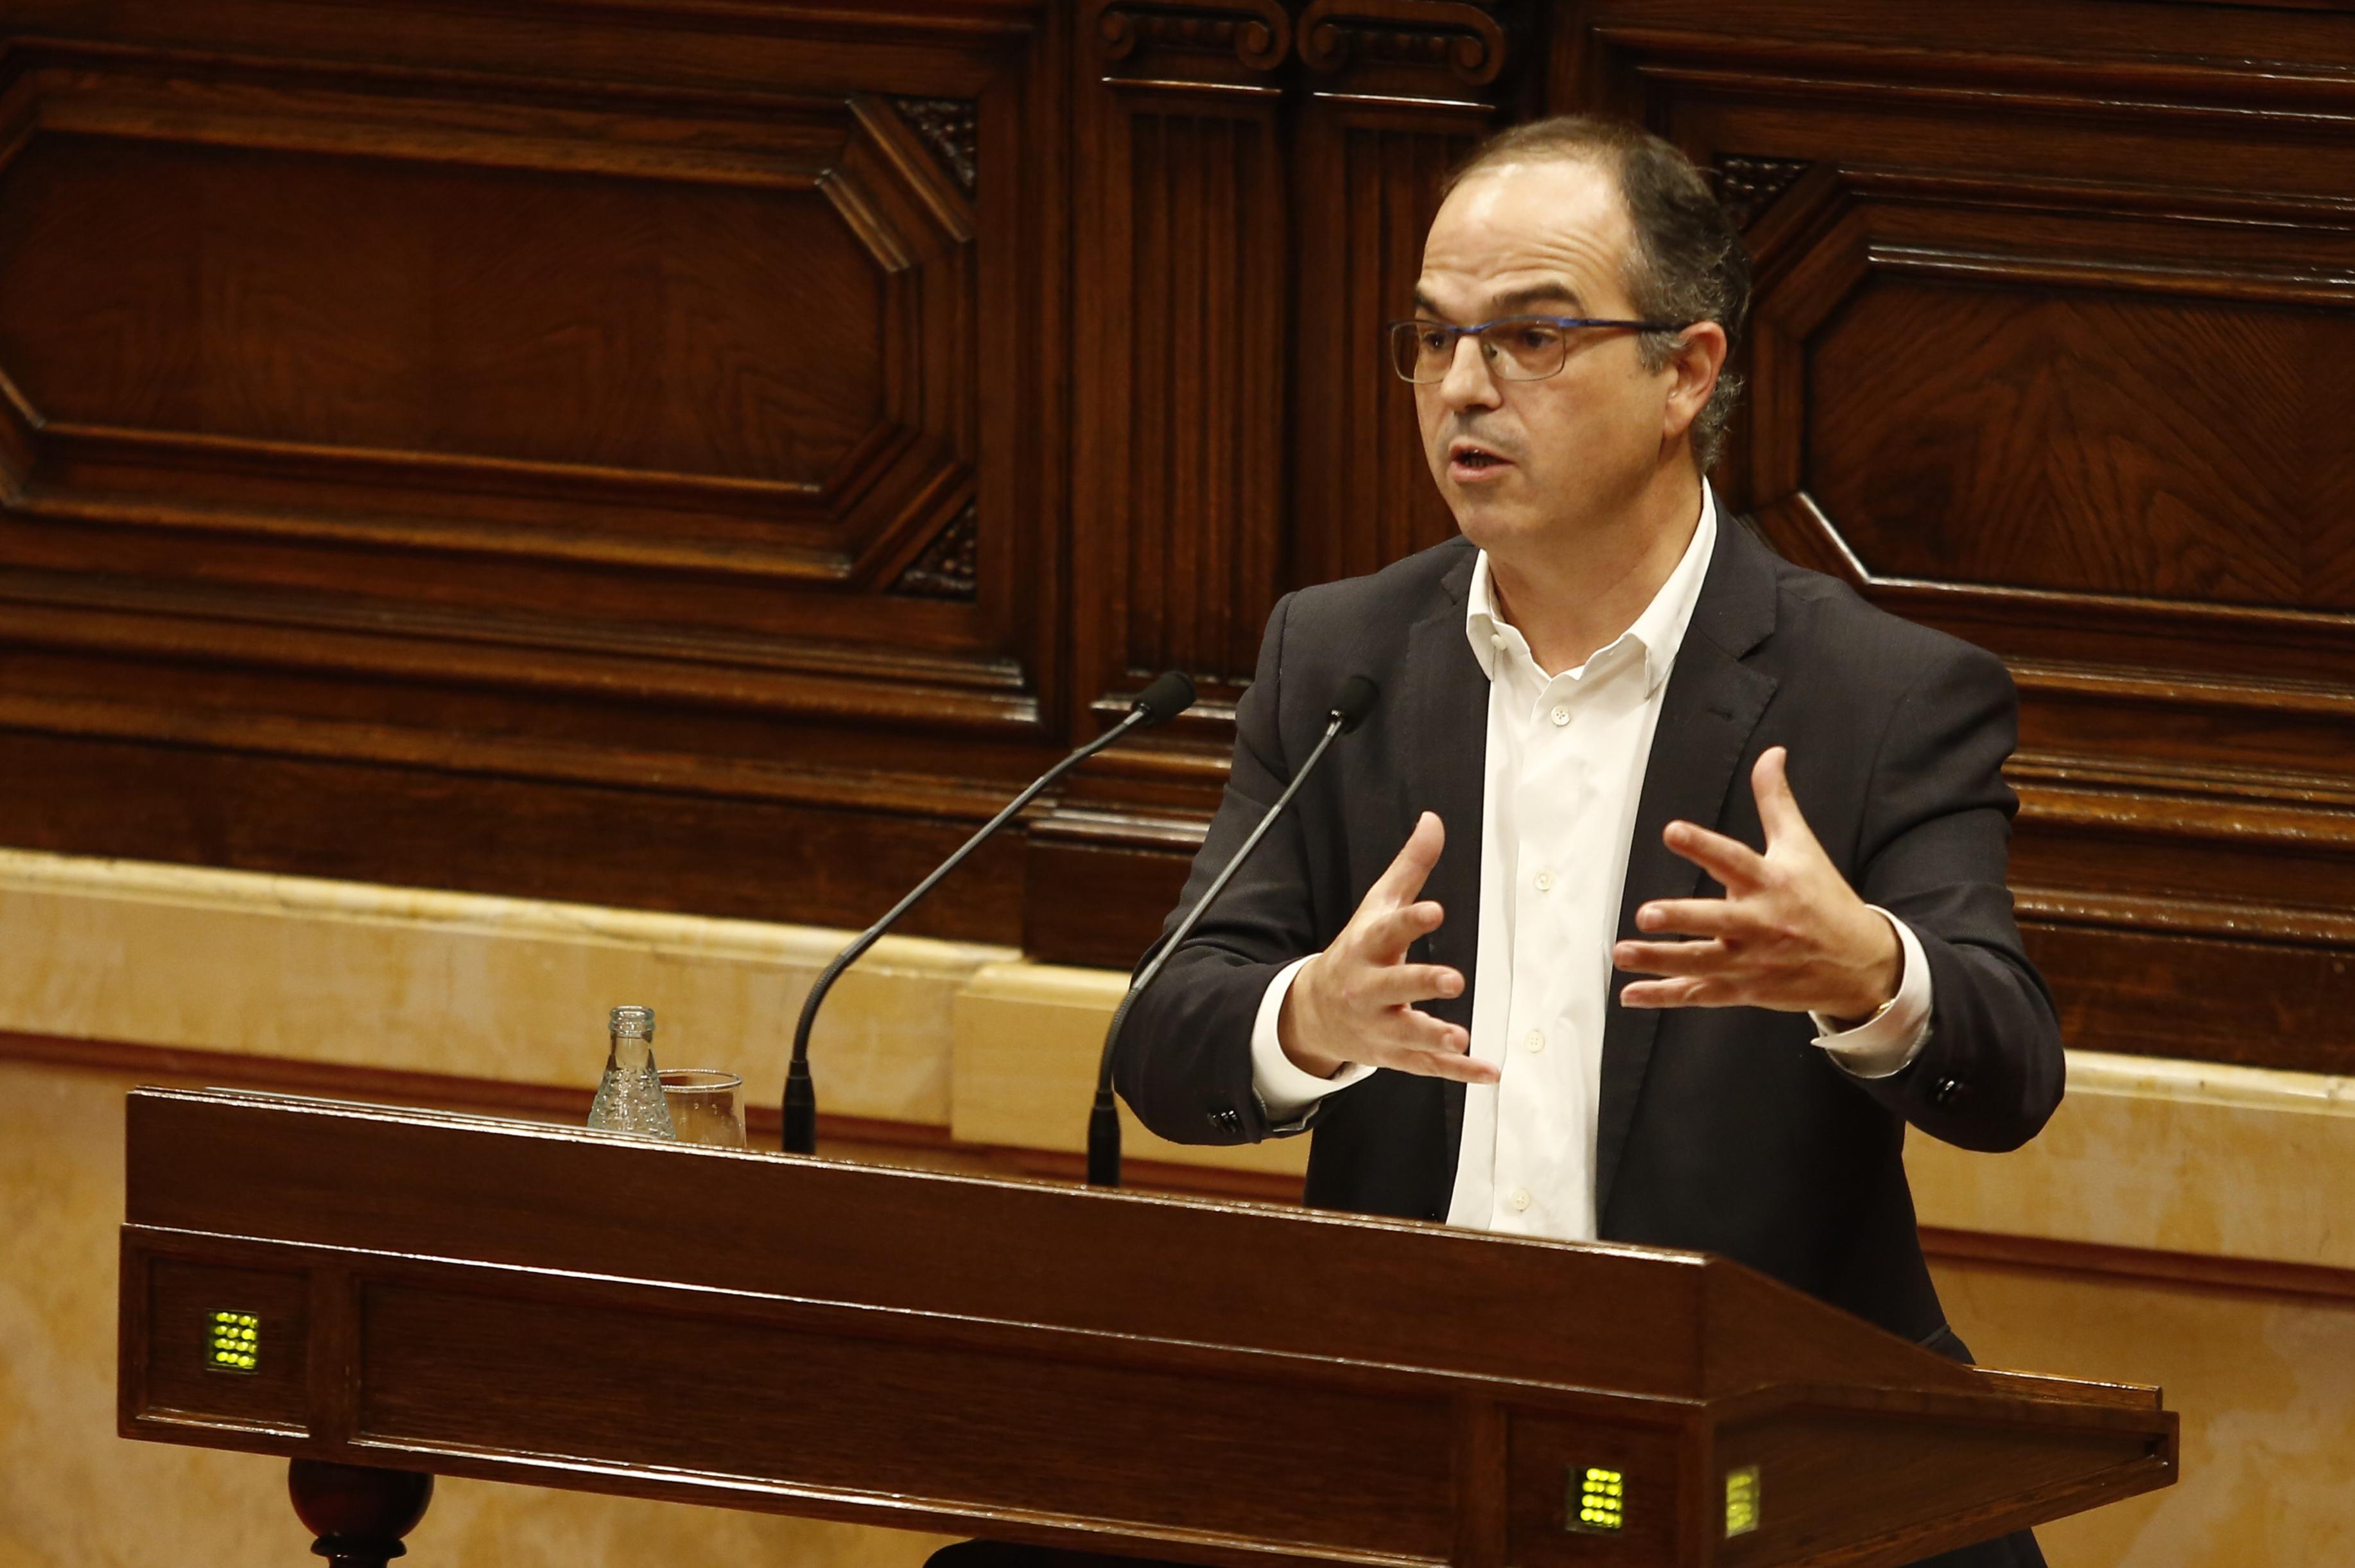 Bronca al parlament per comparar turull la fiscalia amb el for Mesa parlament